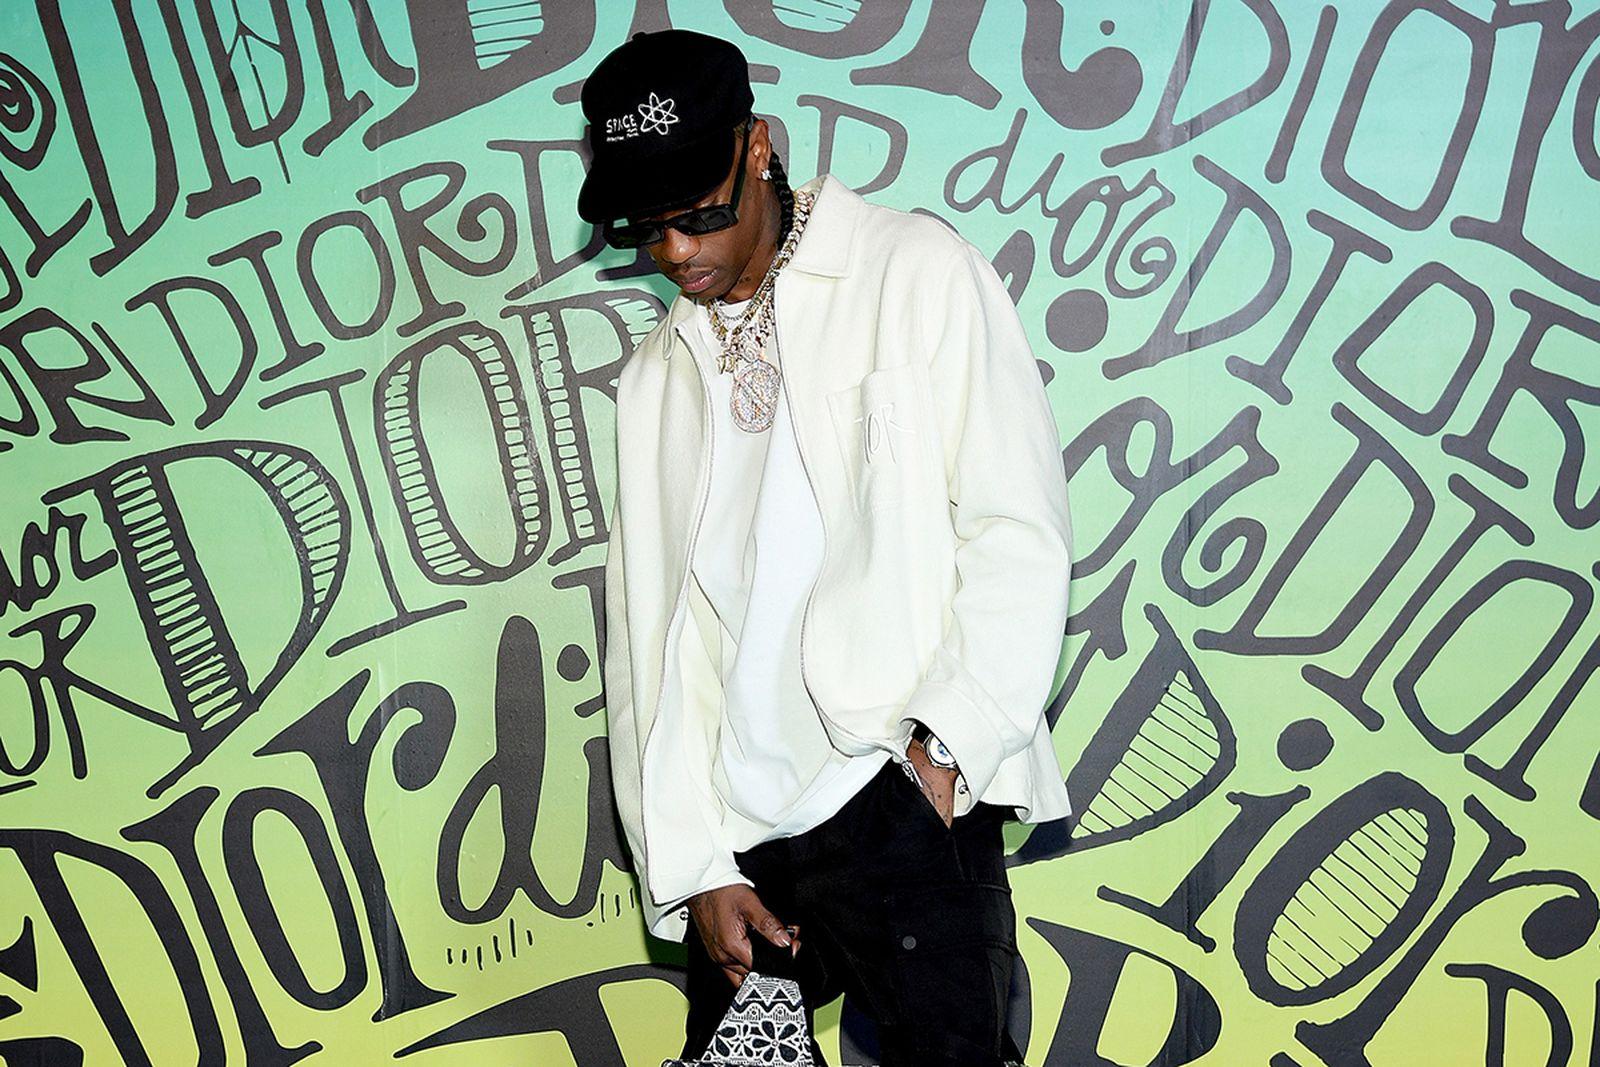 Travis Scott Dior show